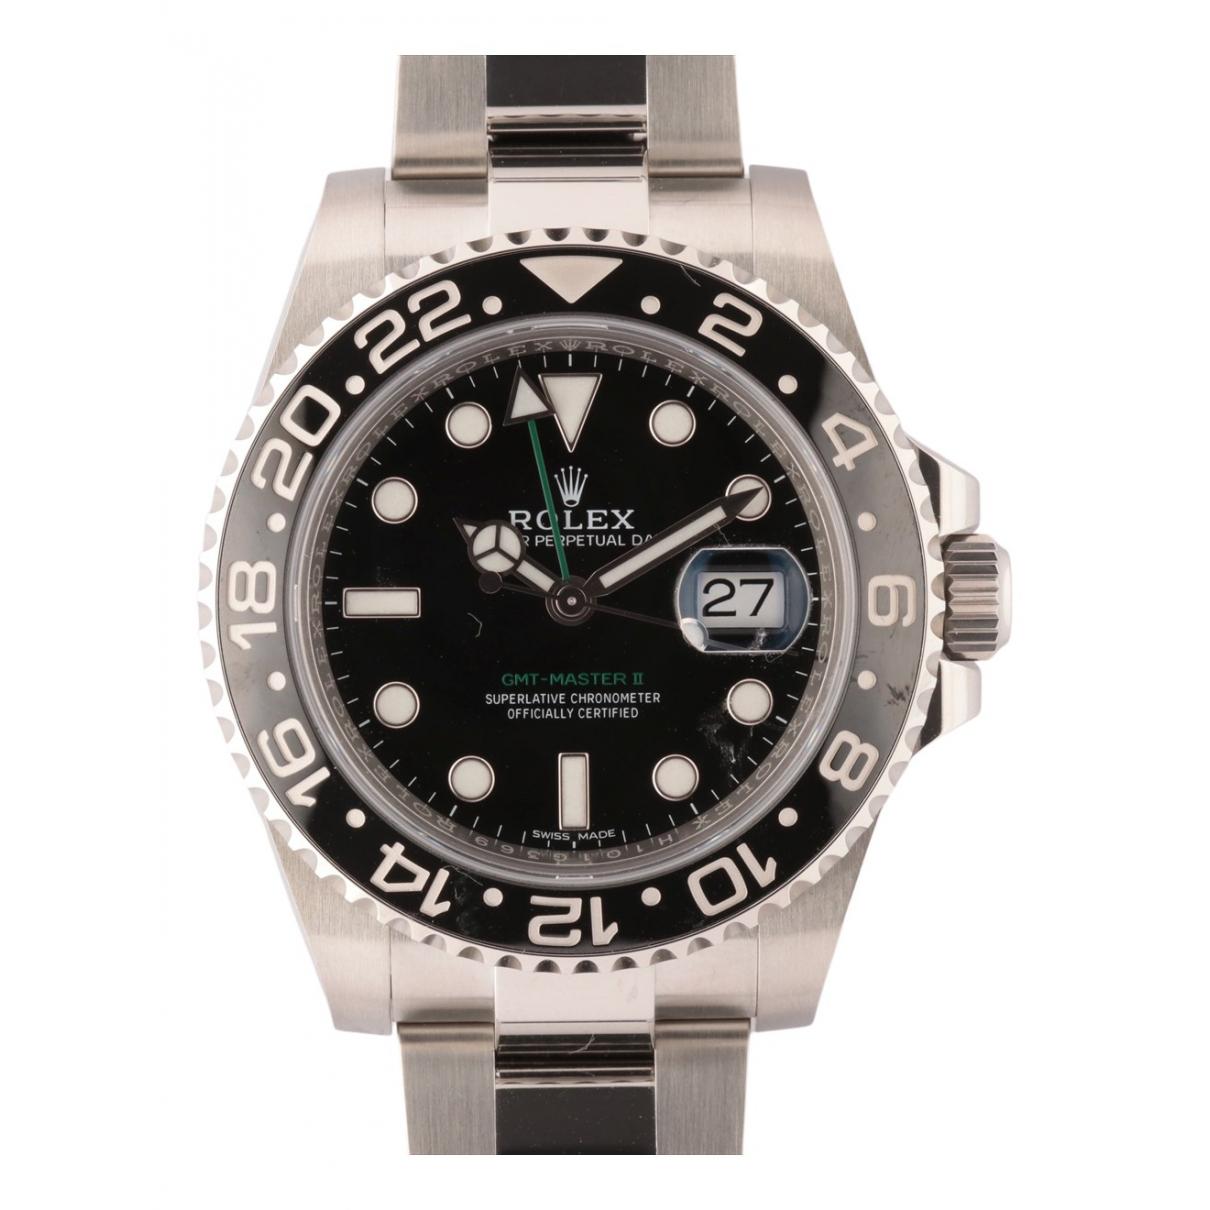 Rolex GMT-Master II Uhr in  Silber Stahl